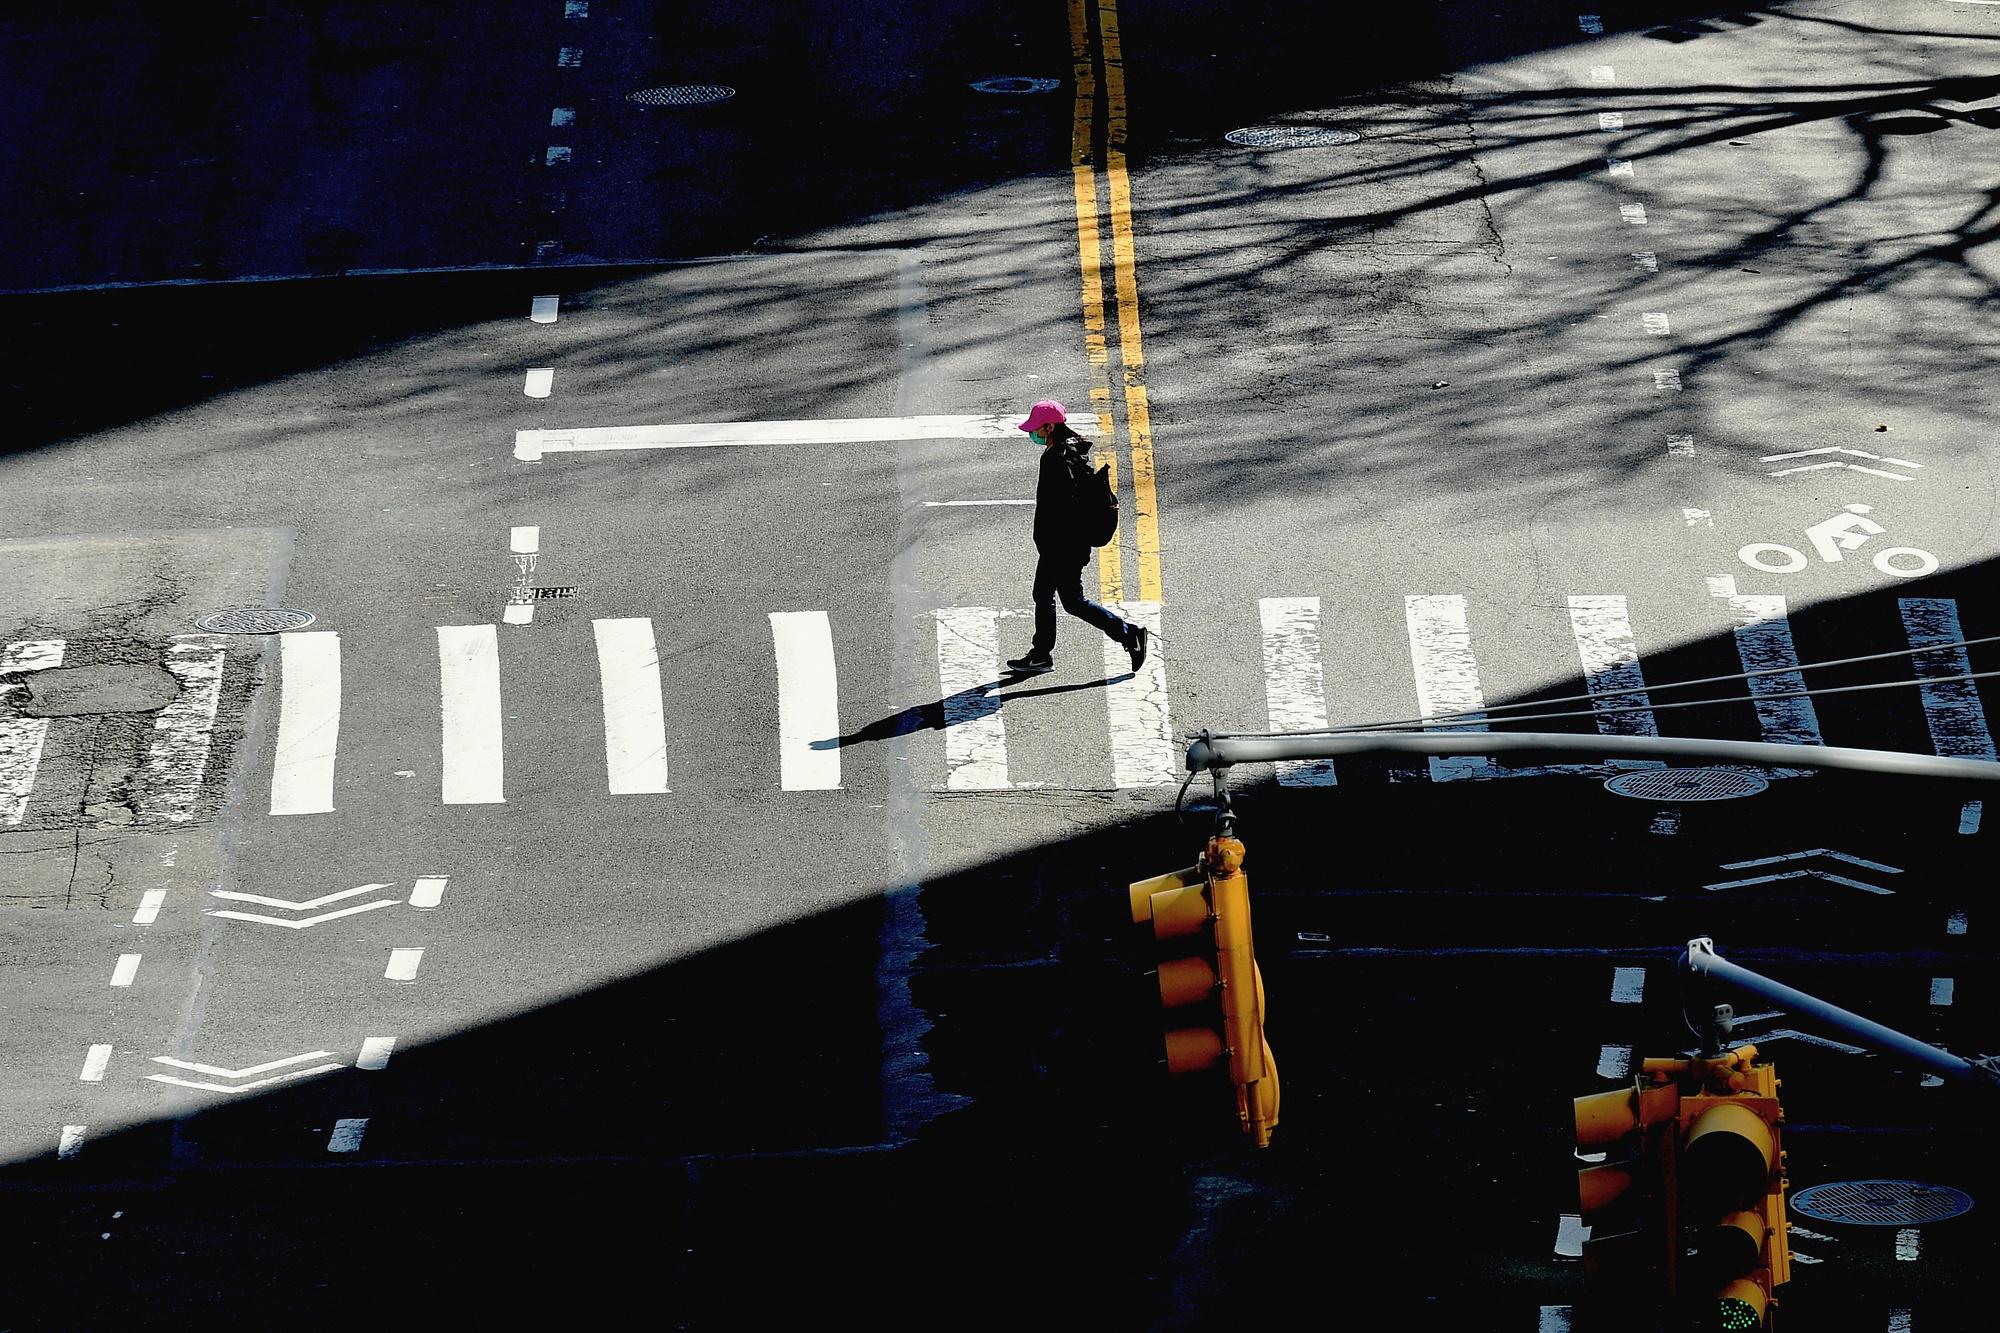 Une personne traversant la rue à New York., belga